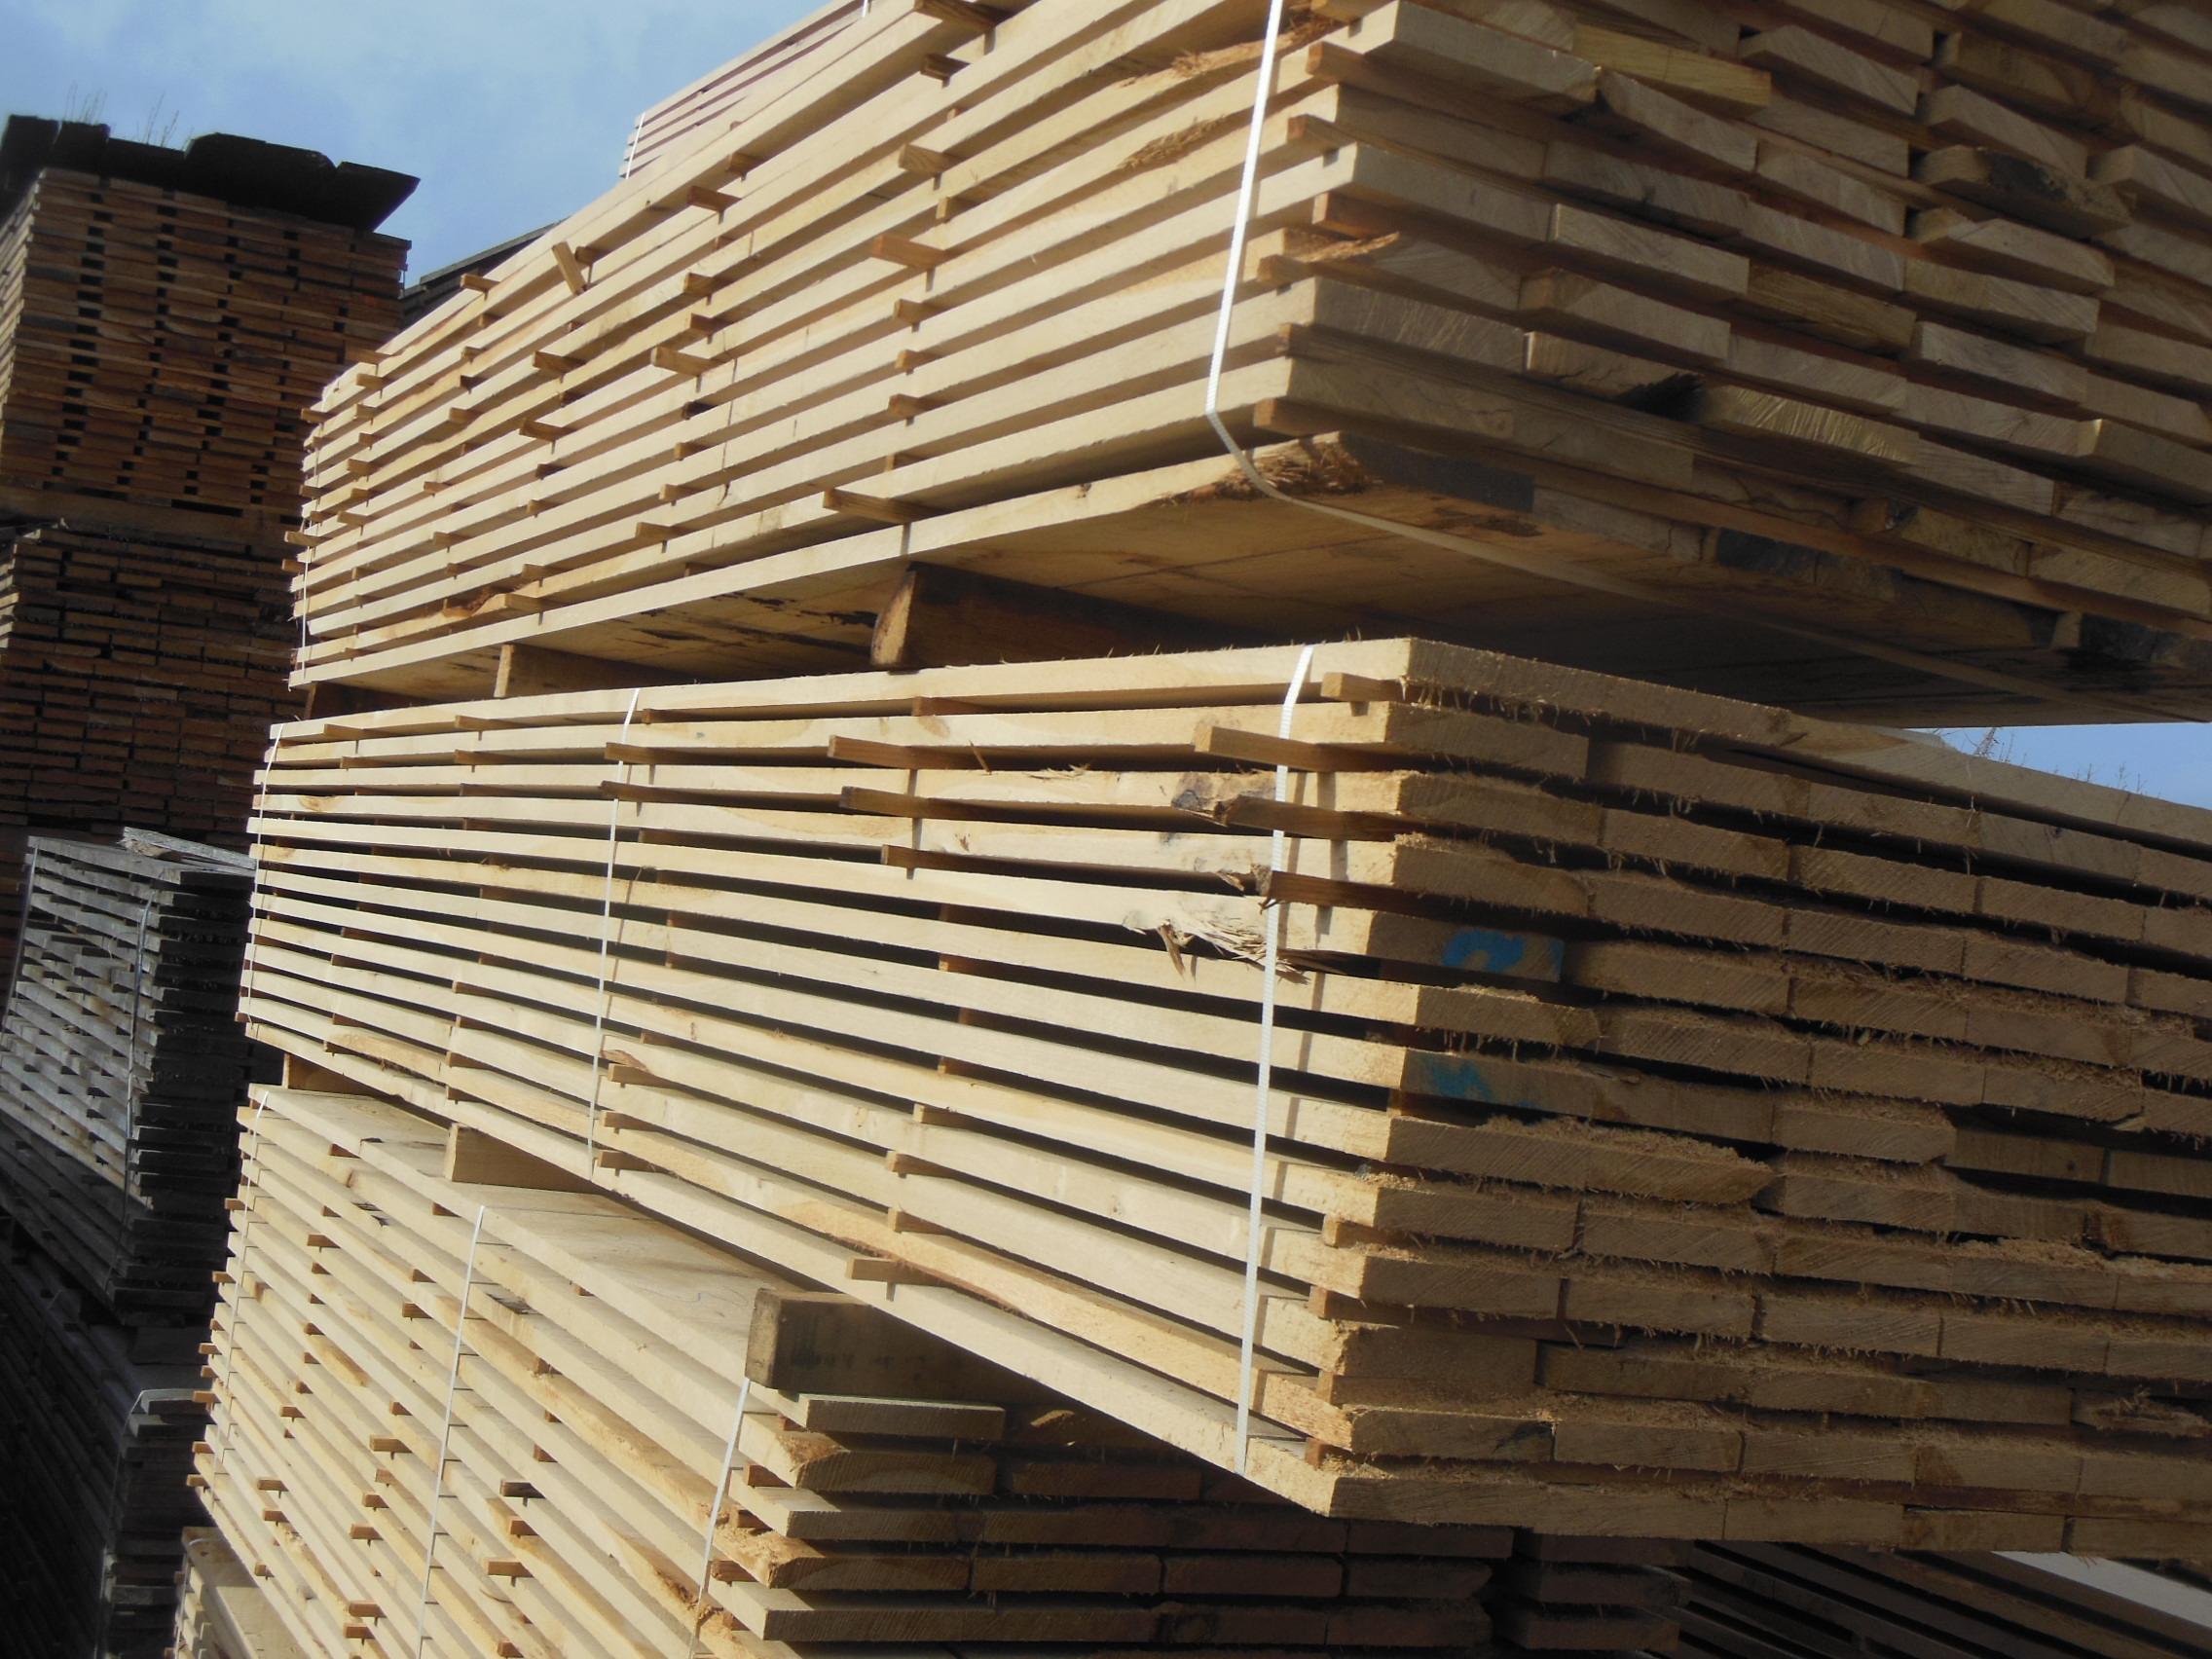 Pl lf 27 260 planche de chene ep 27 mm dpi for Construction en bois var